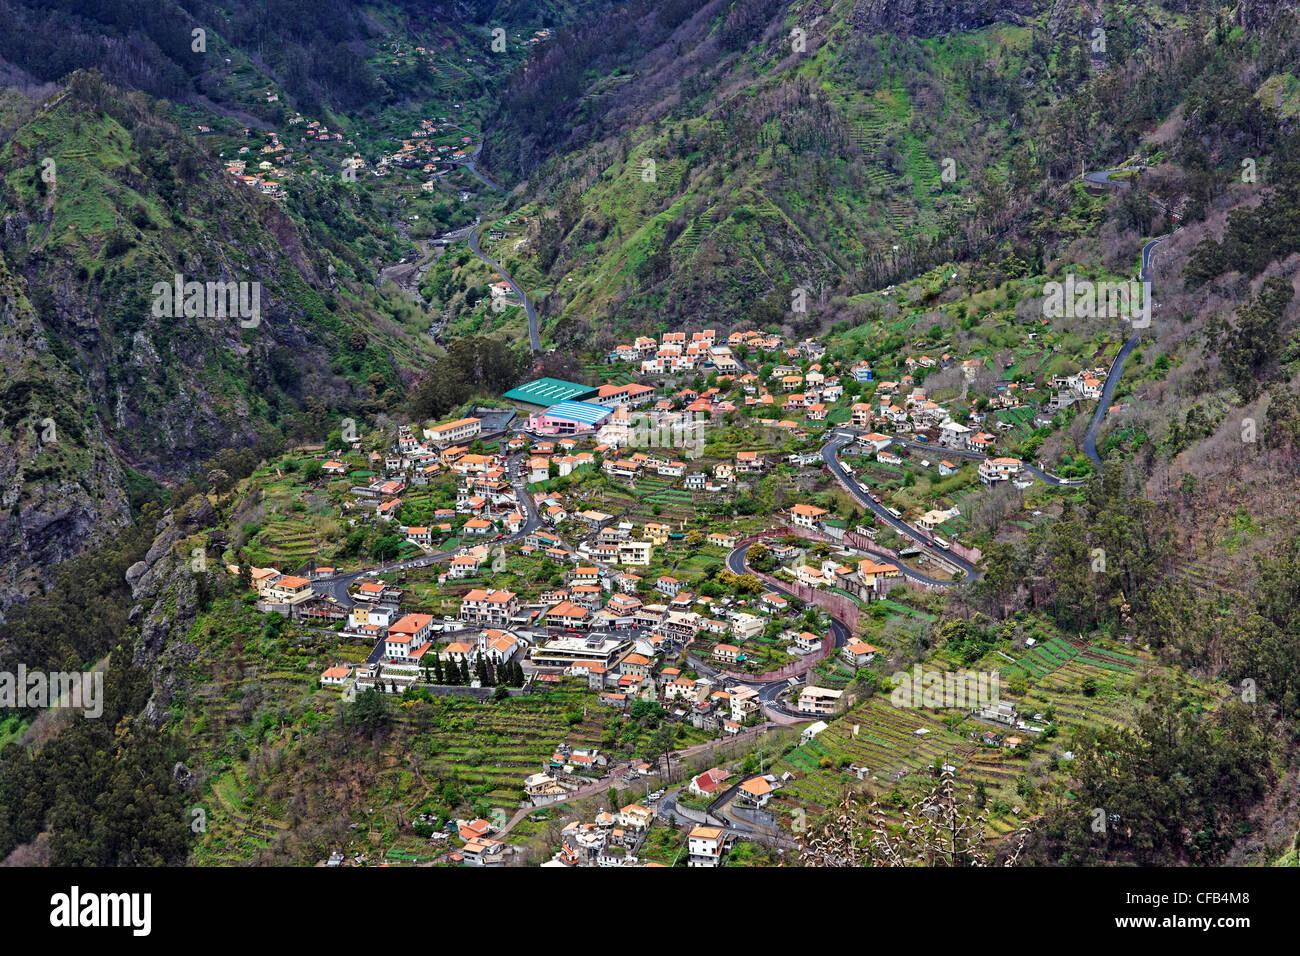 Europe, Portugal, Republica Portuguesa, Madeira, Curral the Freiras, Eira do Serrado, Curral the Freiras, nun valley, - Stock Image